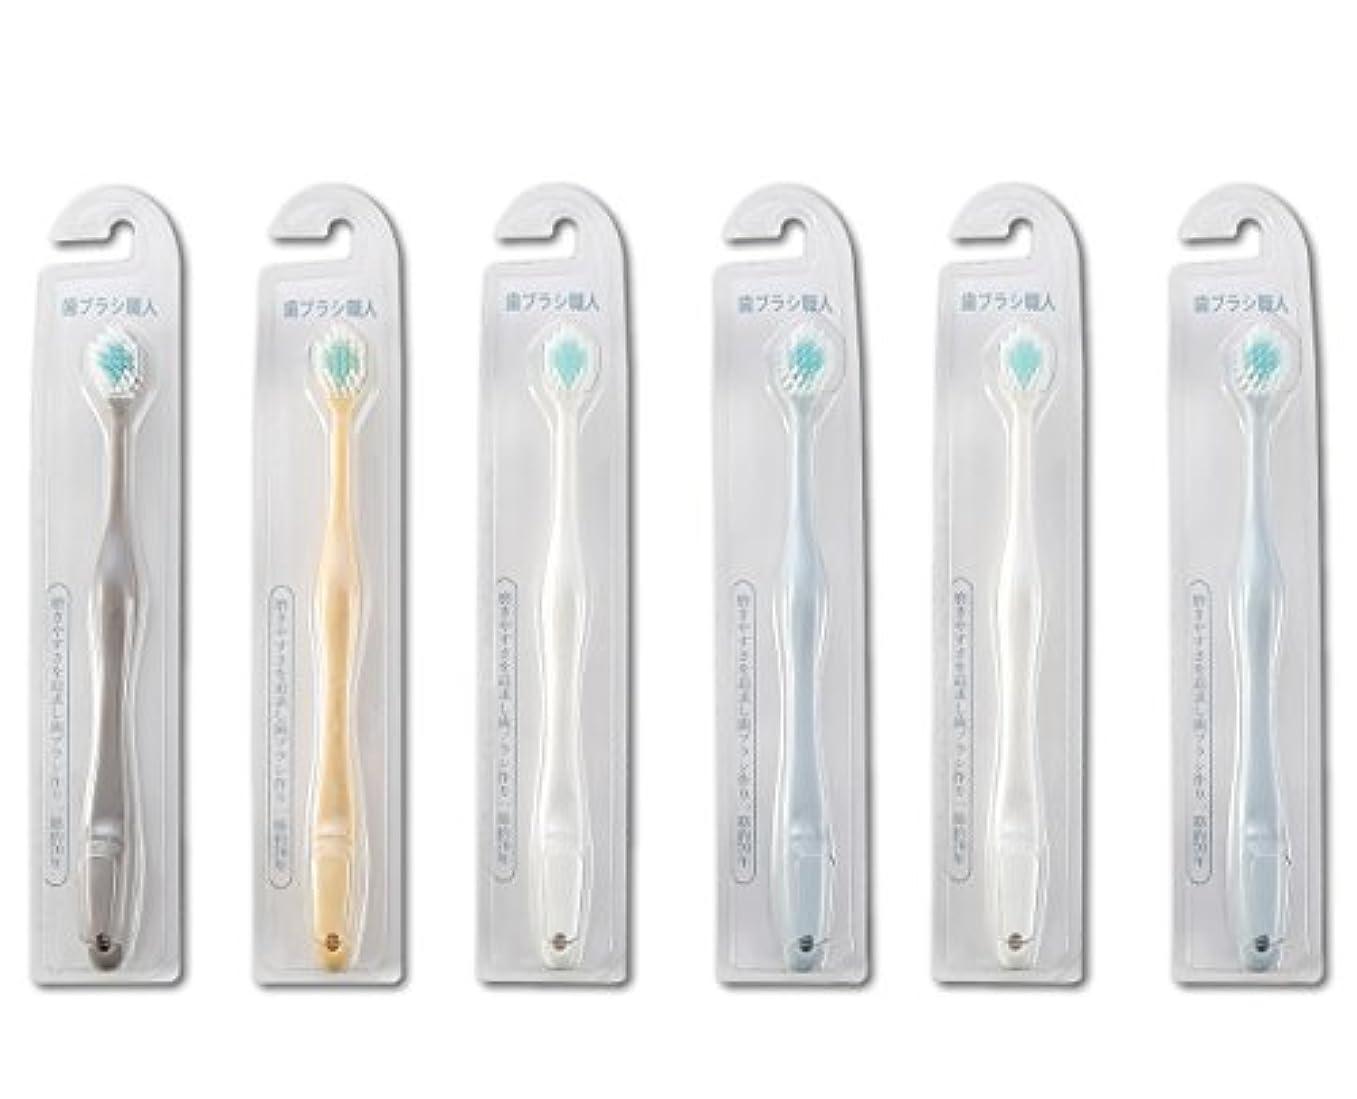 干渉する補助弱まる歯ブラシ職人Artooth ® 田辺重吉 磨きやすい歯ブラシ ワイド 6列レギュラー AT-30 (6本組)